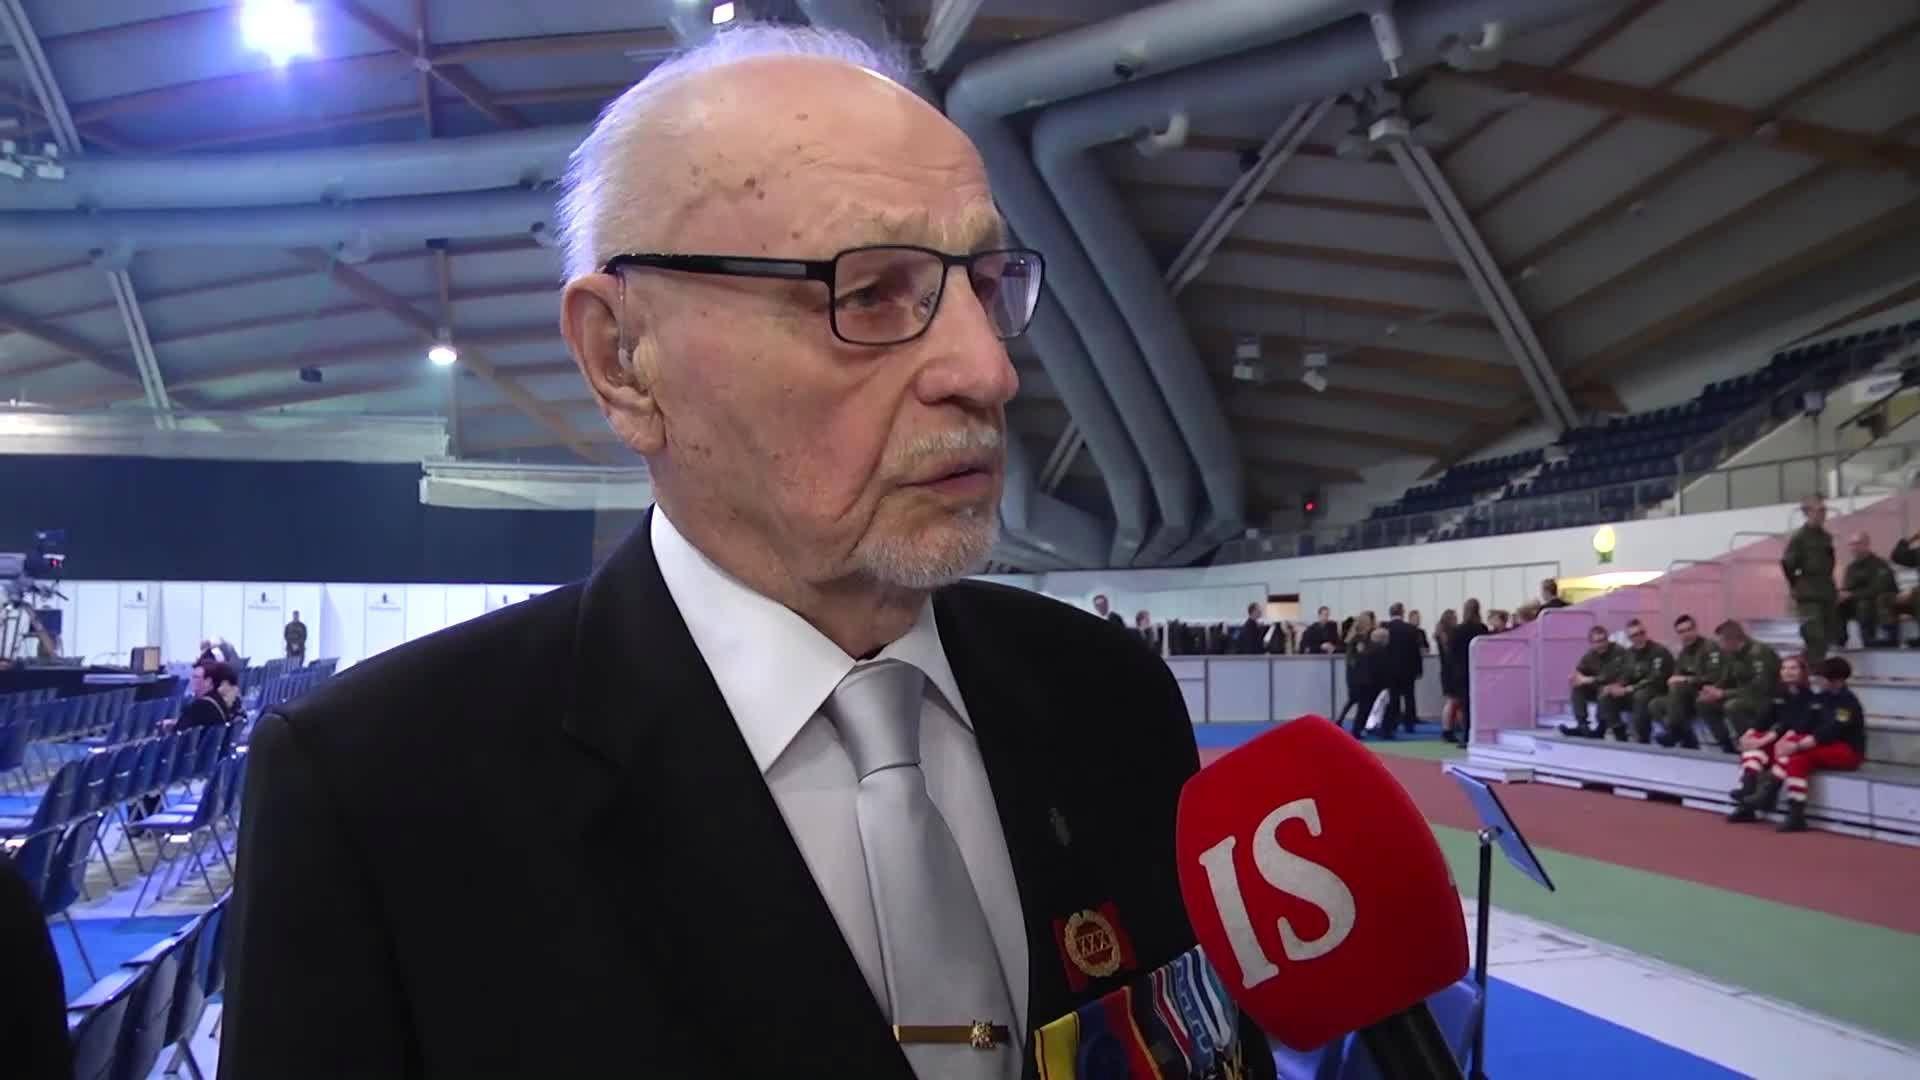 Oululainen Alpo Huikuri, 93, joutui jatkosodassa moneen pahaan paikkaan. Tulenjohtueen puhelinmiehenä hän oli etulinjan etummaisessa poterossa.